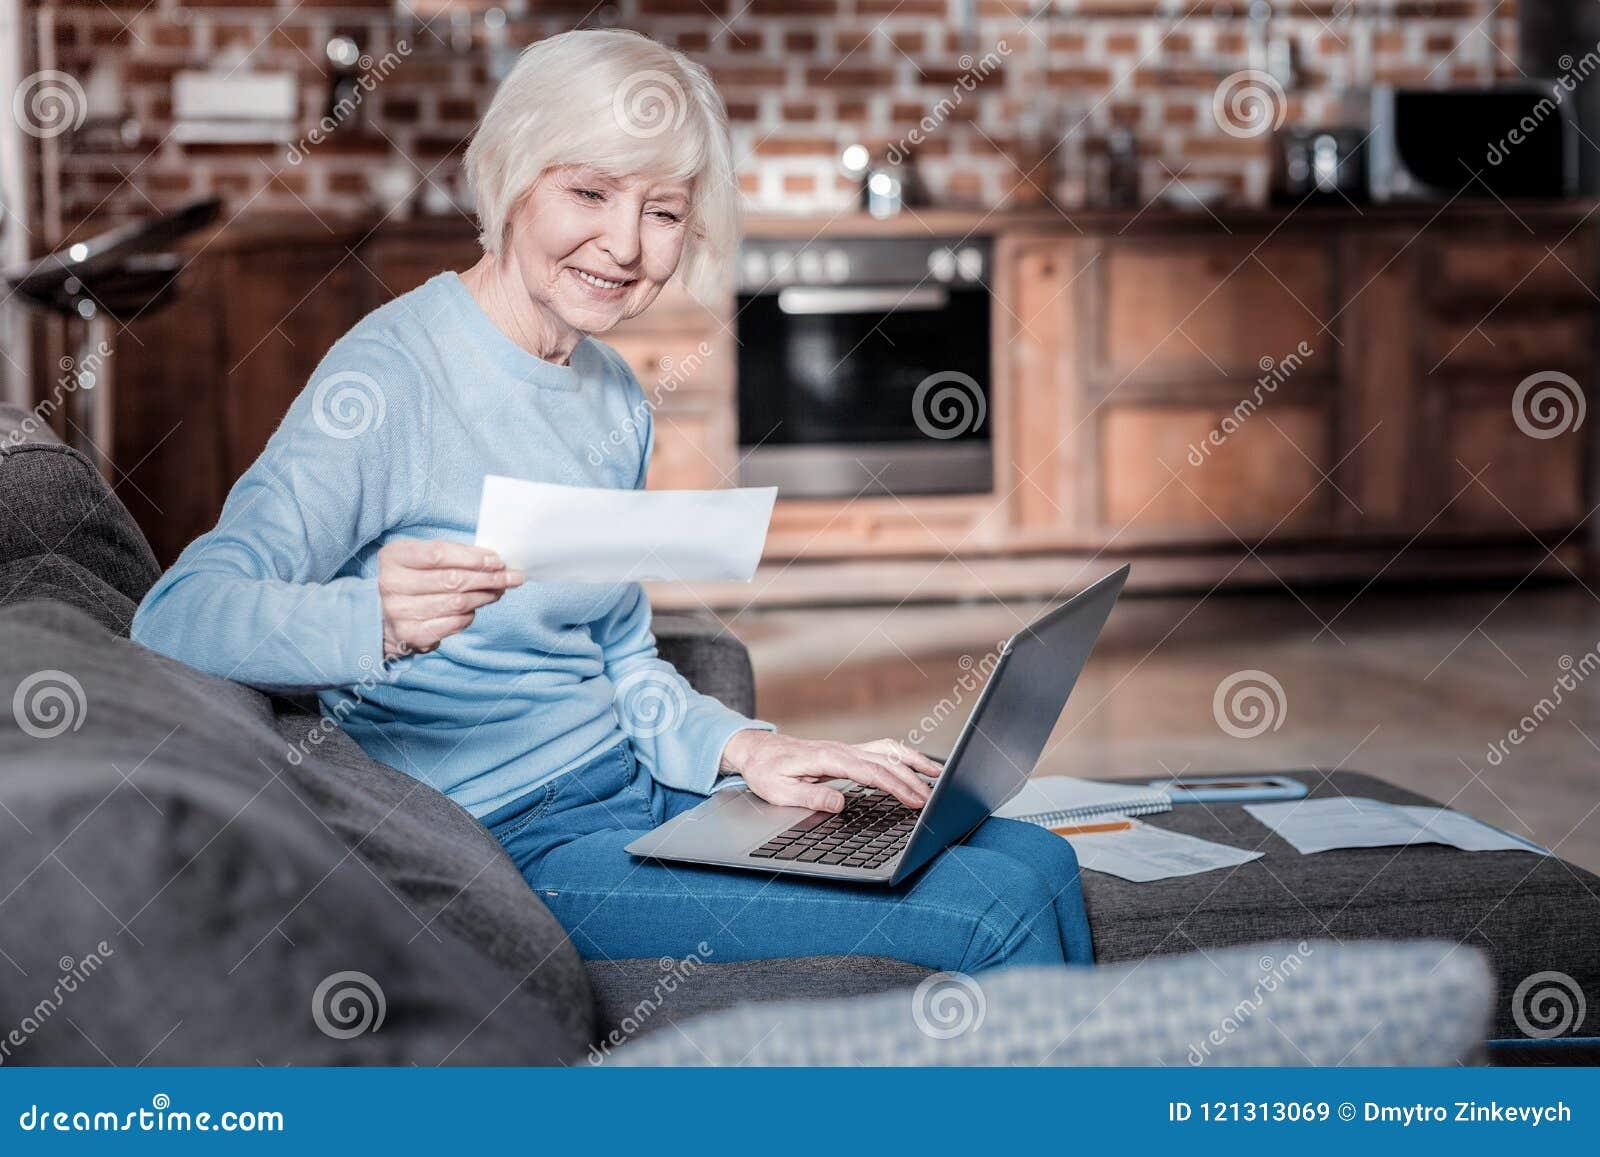 Entspannte reife Frau, die mit Computer arbeitet